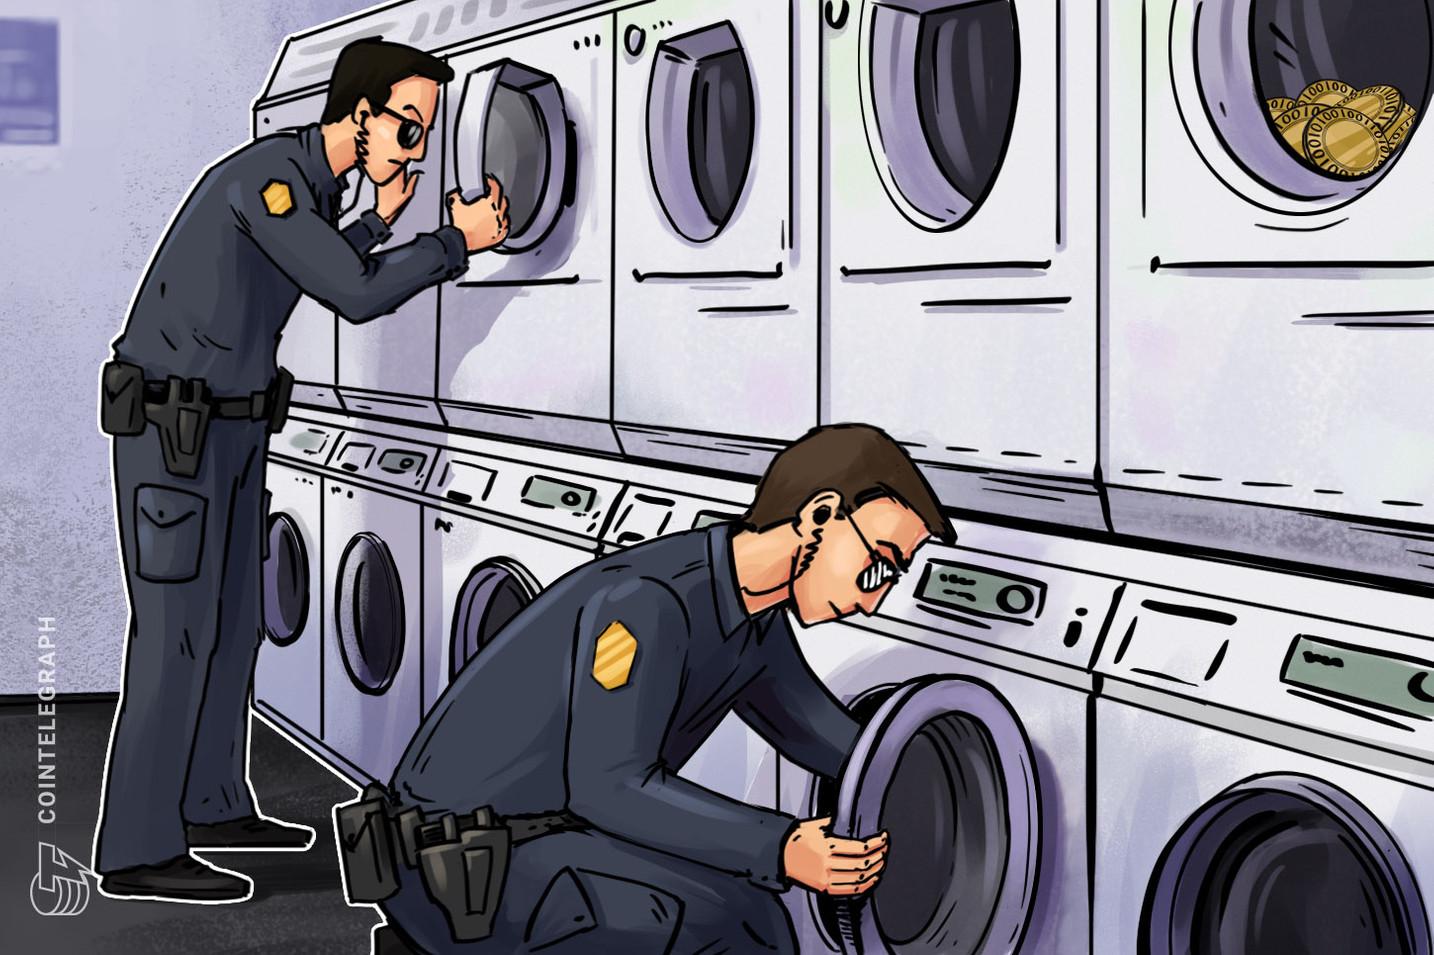 El Tribunal Supremo de Rusia clasifica el uso ilícito de criptos bajo las leyes de lavado de dinero